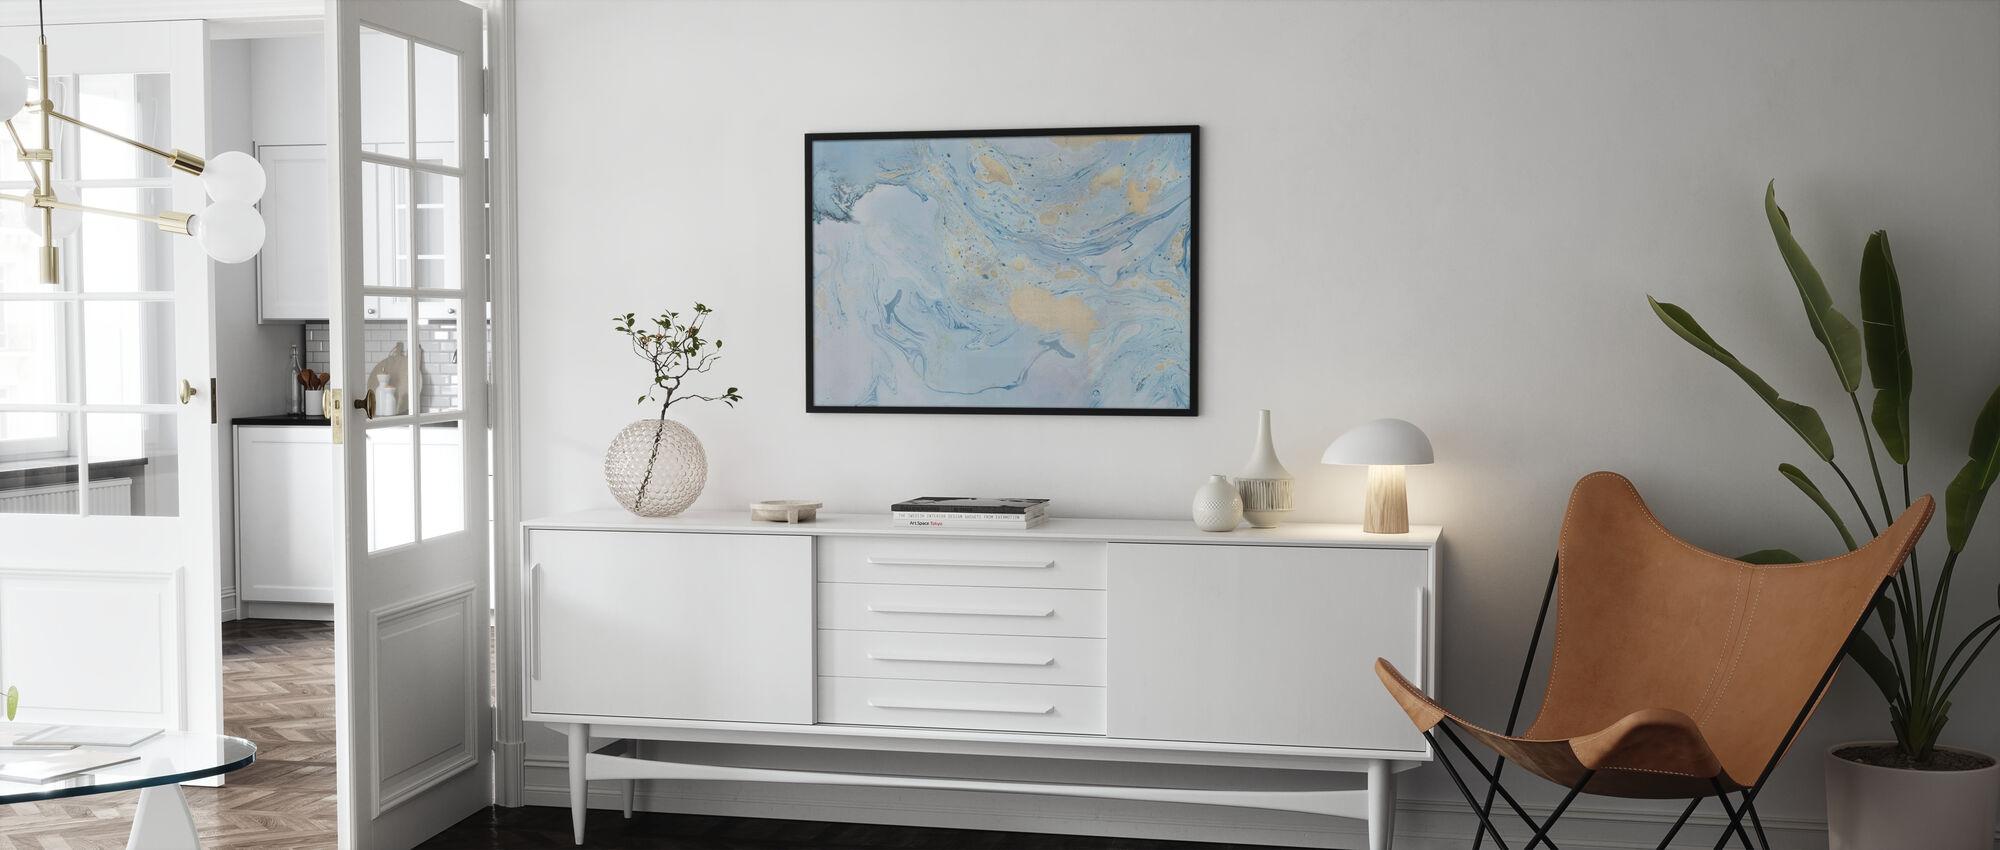 Marble Story - Framed print - Living Room